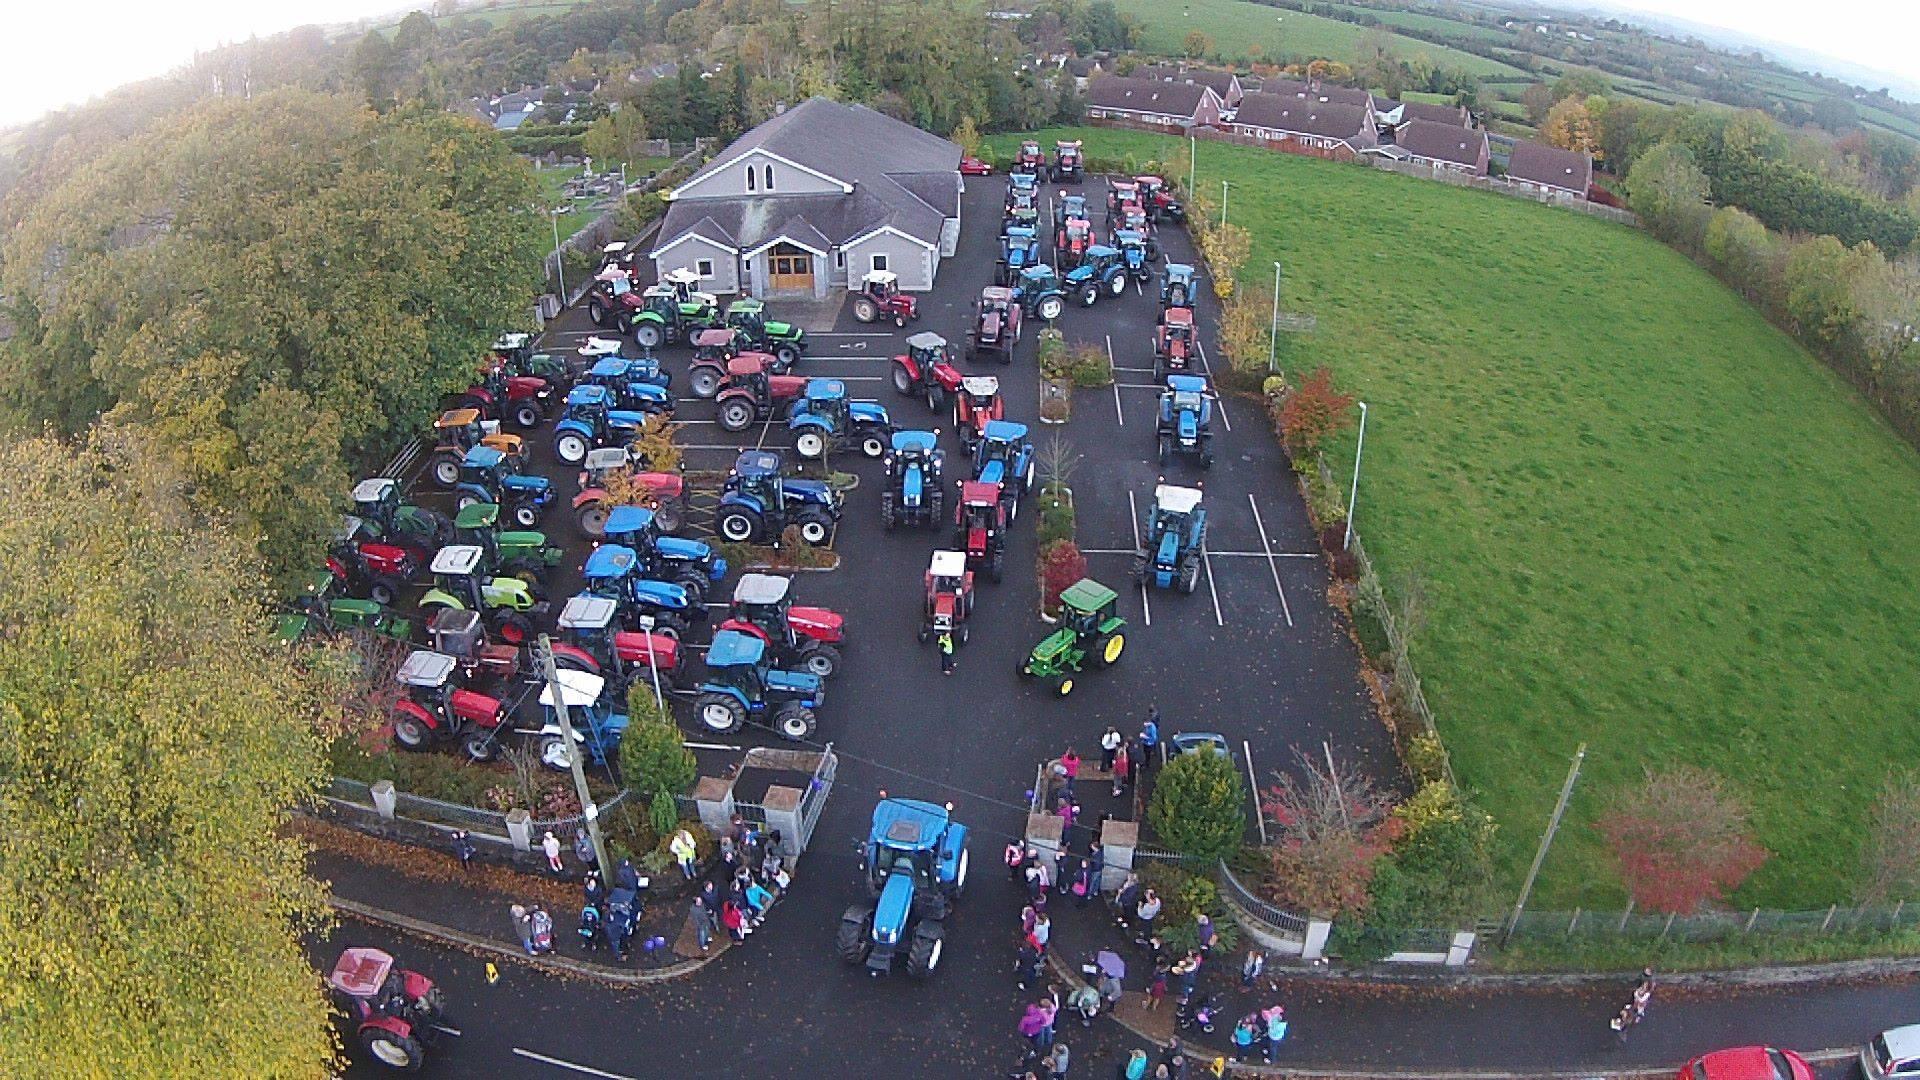 Killylea Tractor Run 2016